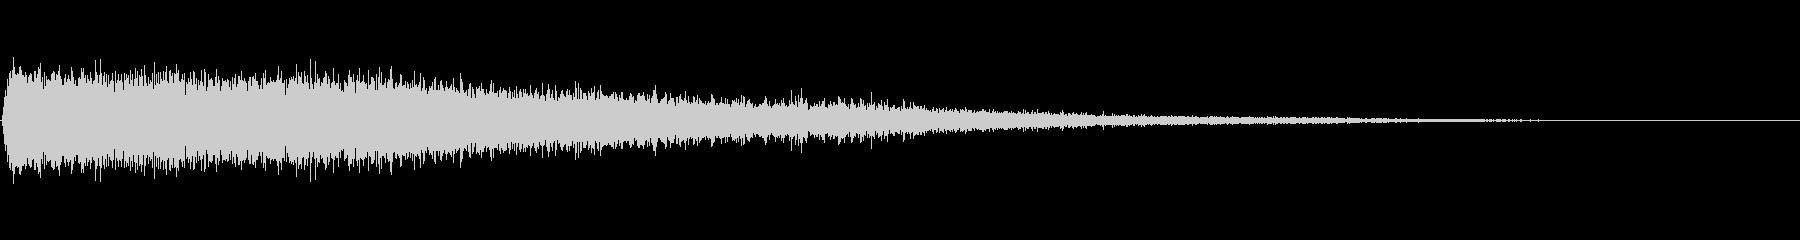 ジェットアウェイホワイトノイズブラストの未再生の波形